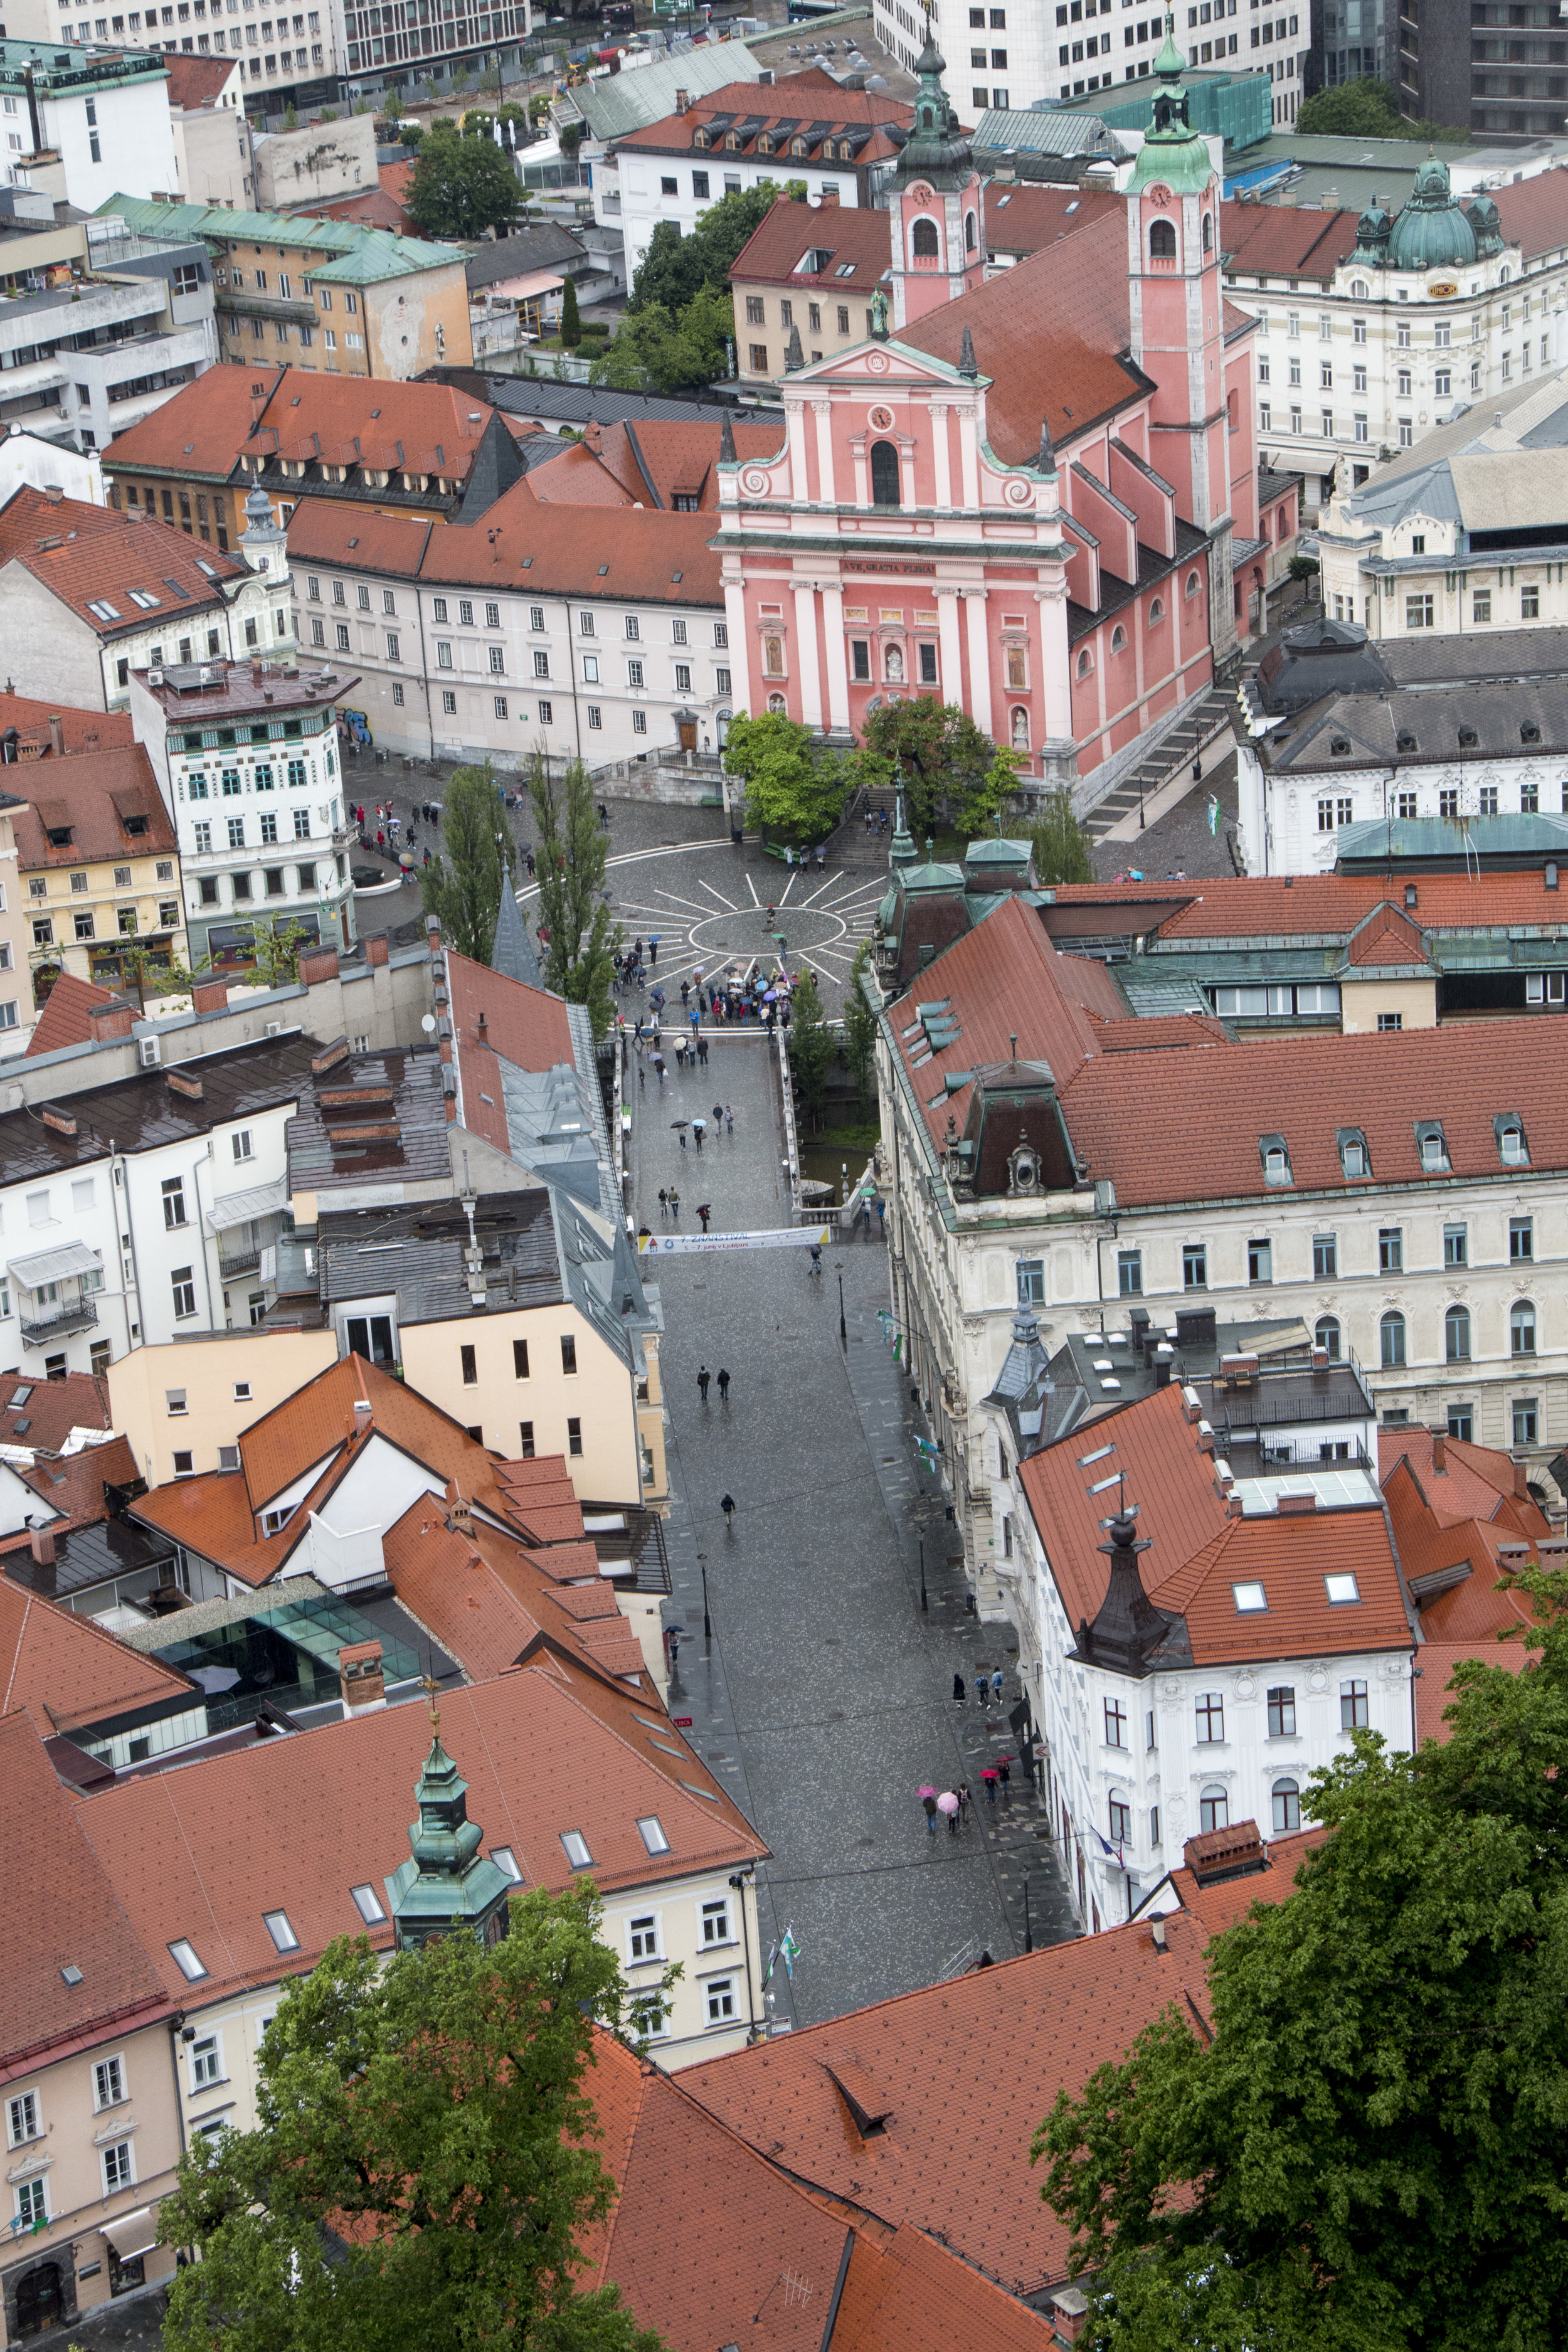 SOA_Slovenia-ljubljana.jpg